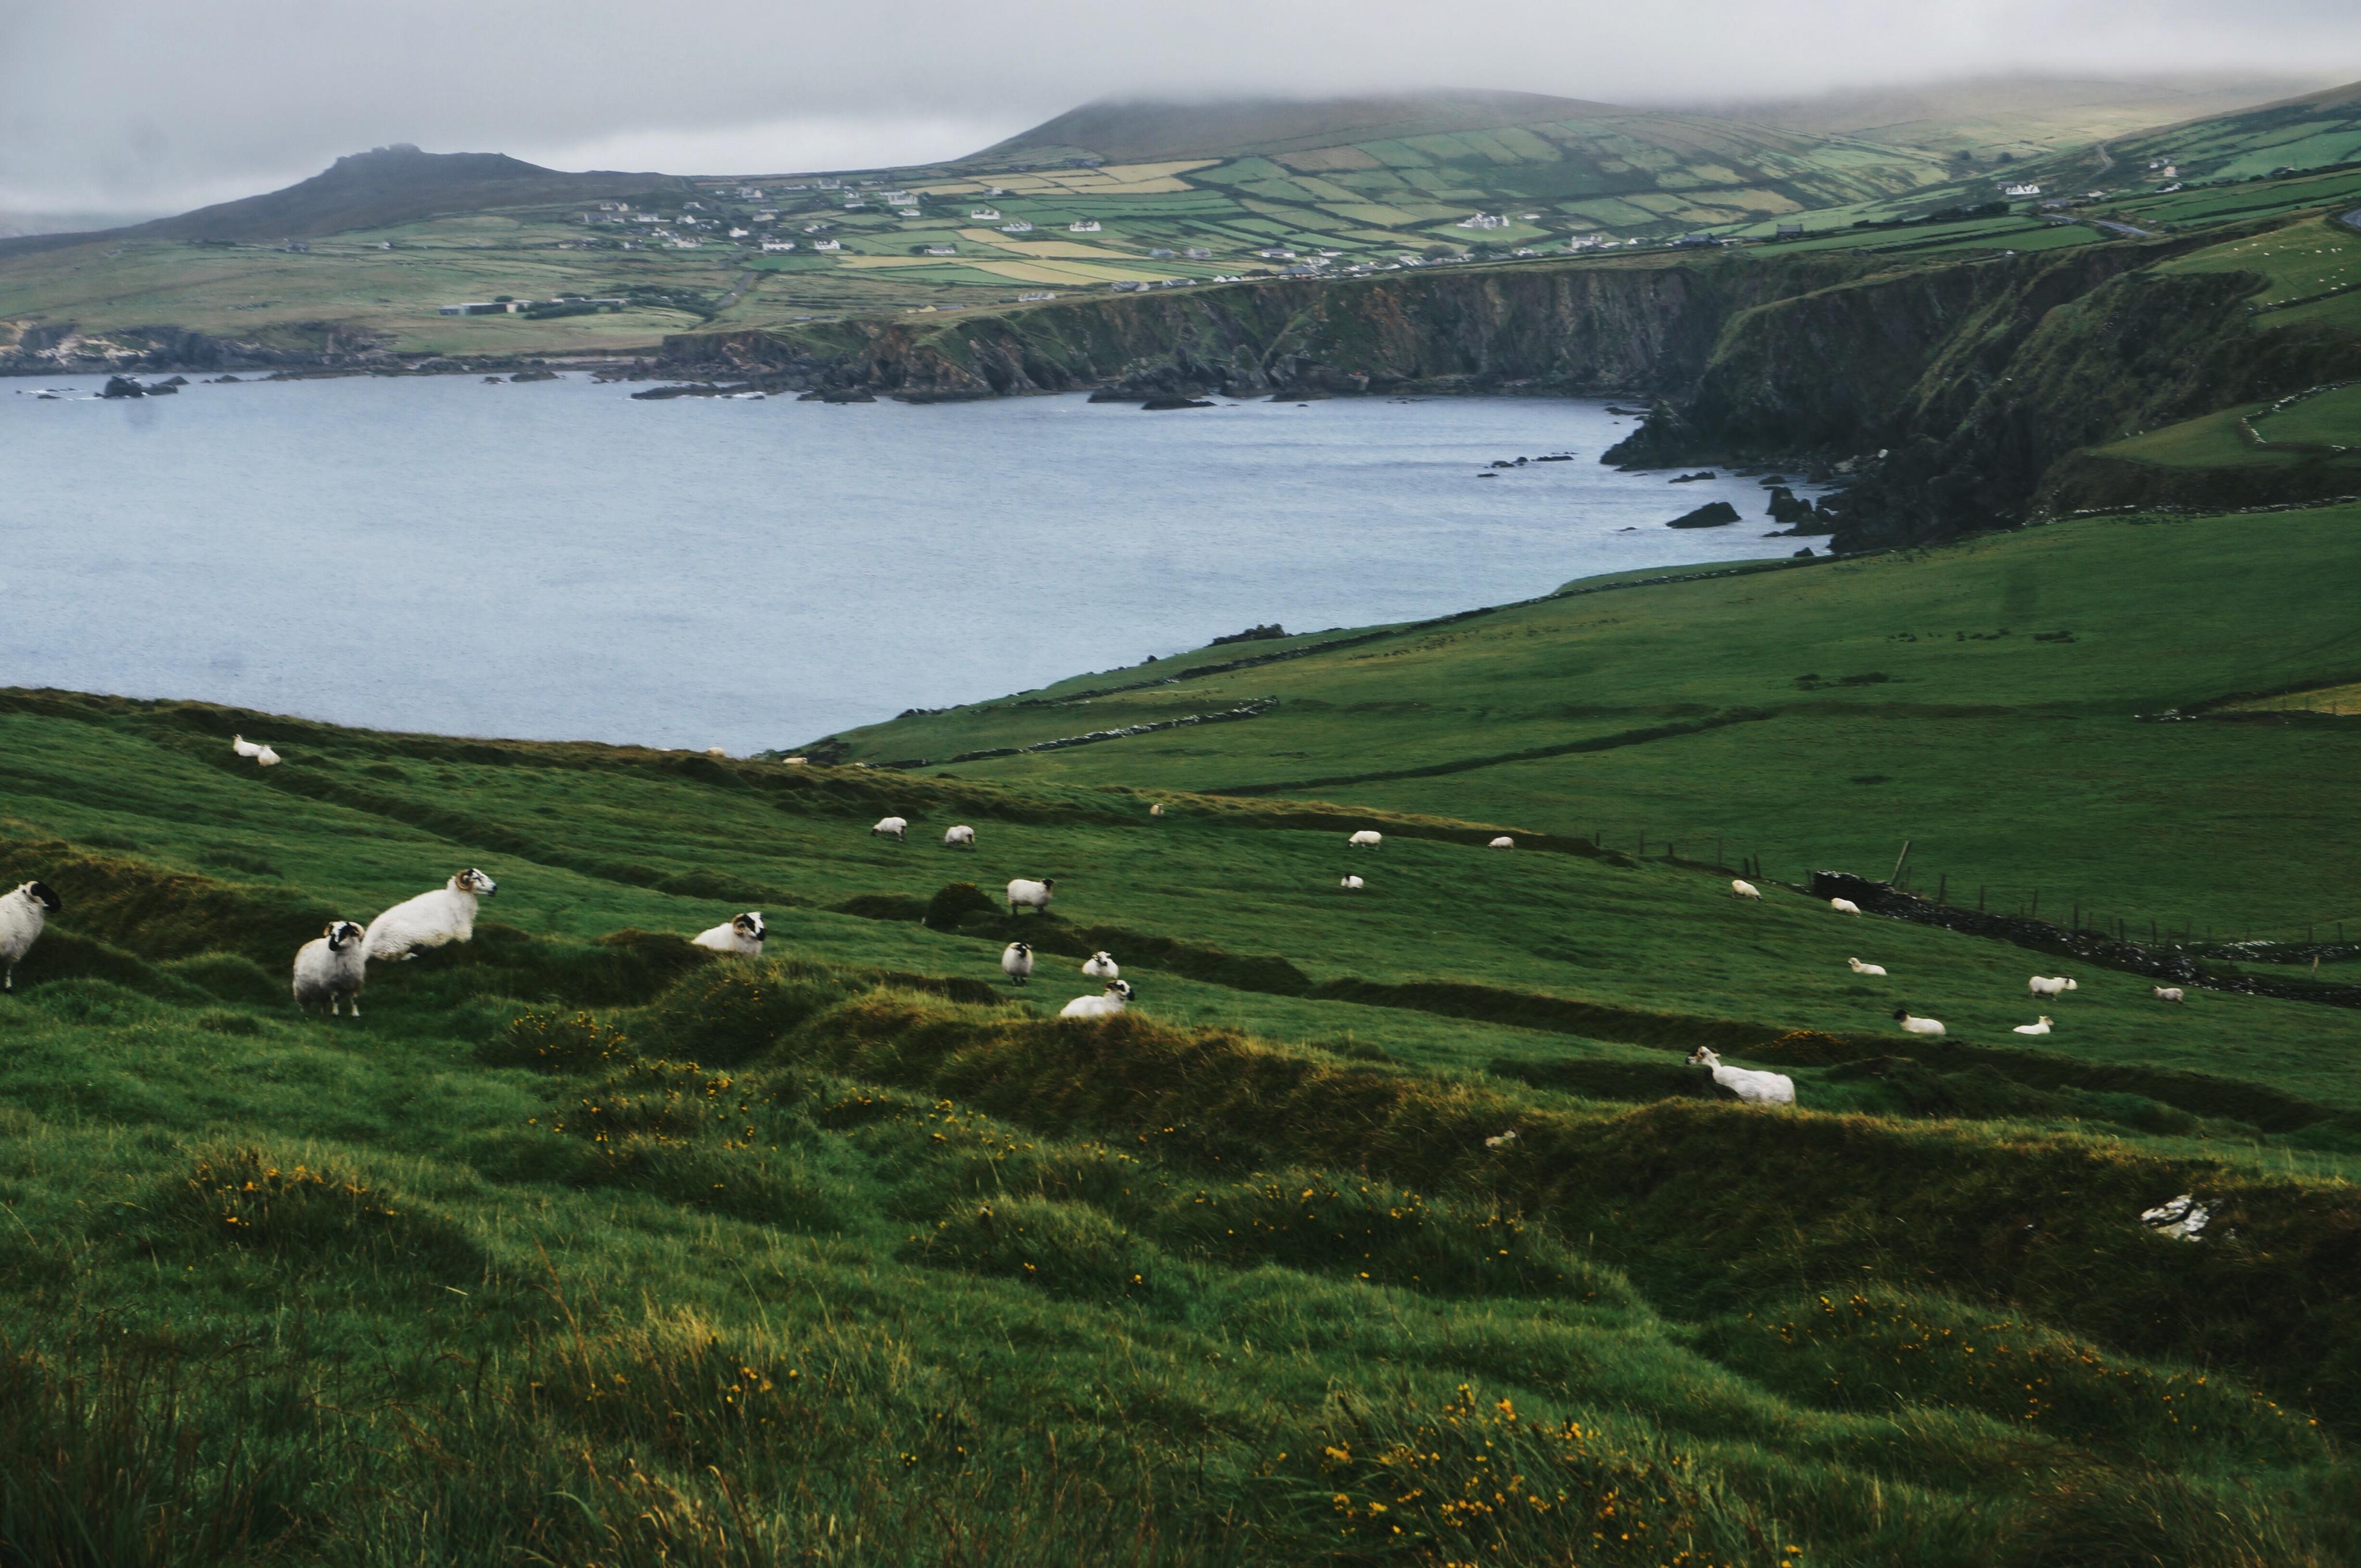 Irland, Sehenswürdigkeiten, Highlight, Klippen Cliffs, Regenjacke, Abenteuer, Schafe